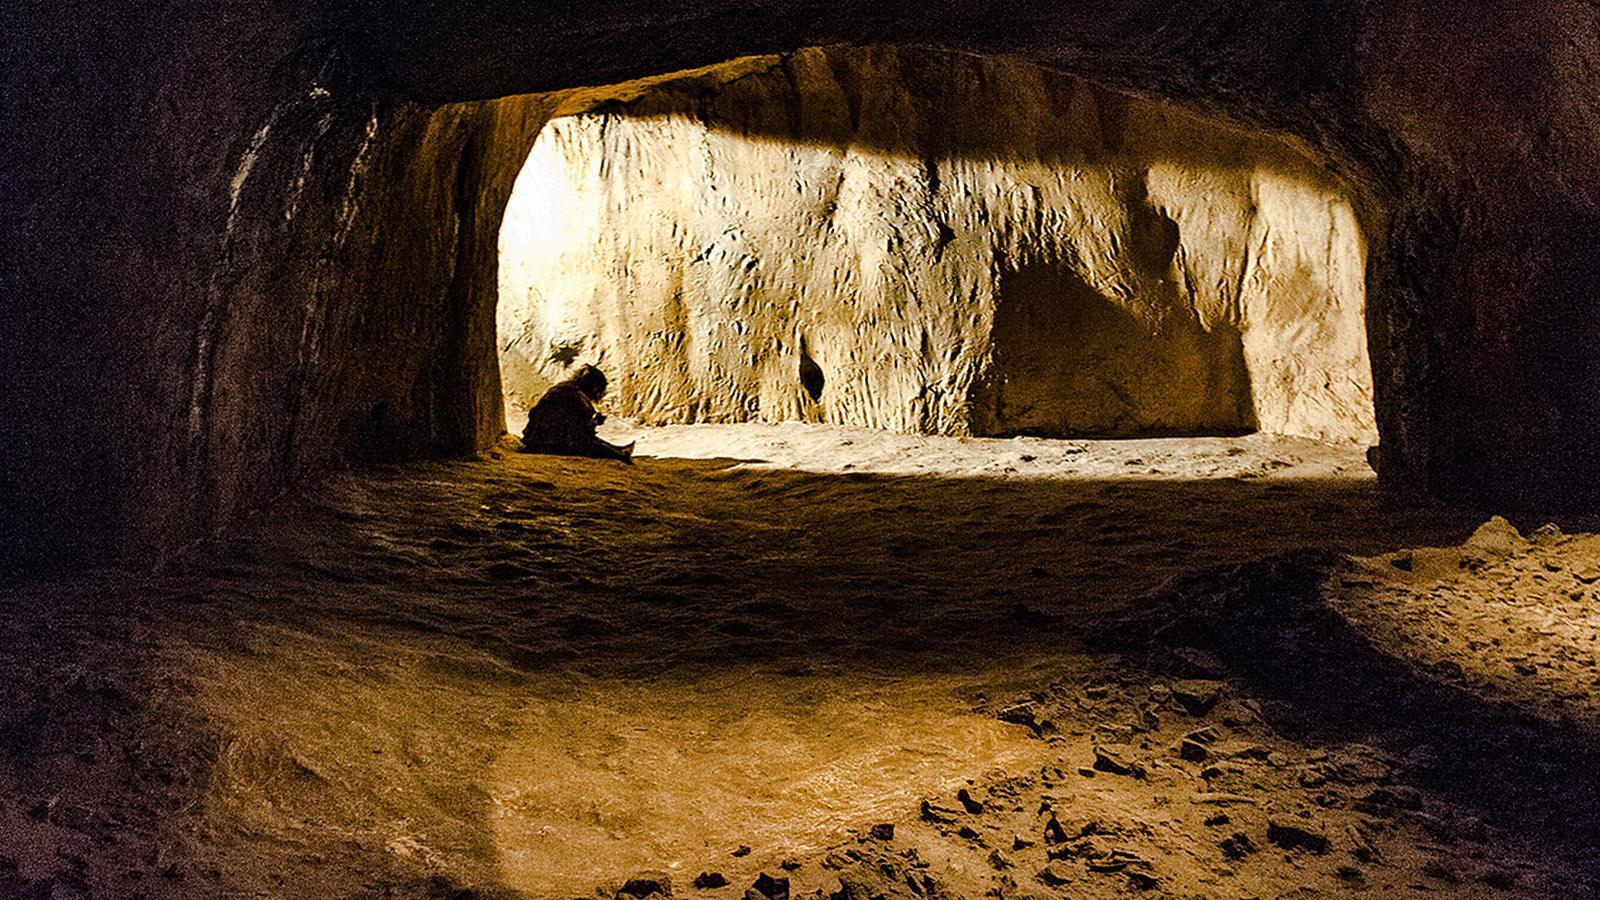 Cave Arago-Nachbau im prähistorischen Museum von Tautavel. Foto: HIlke Maunder